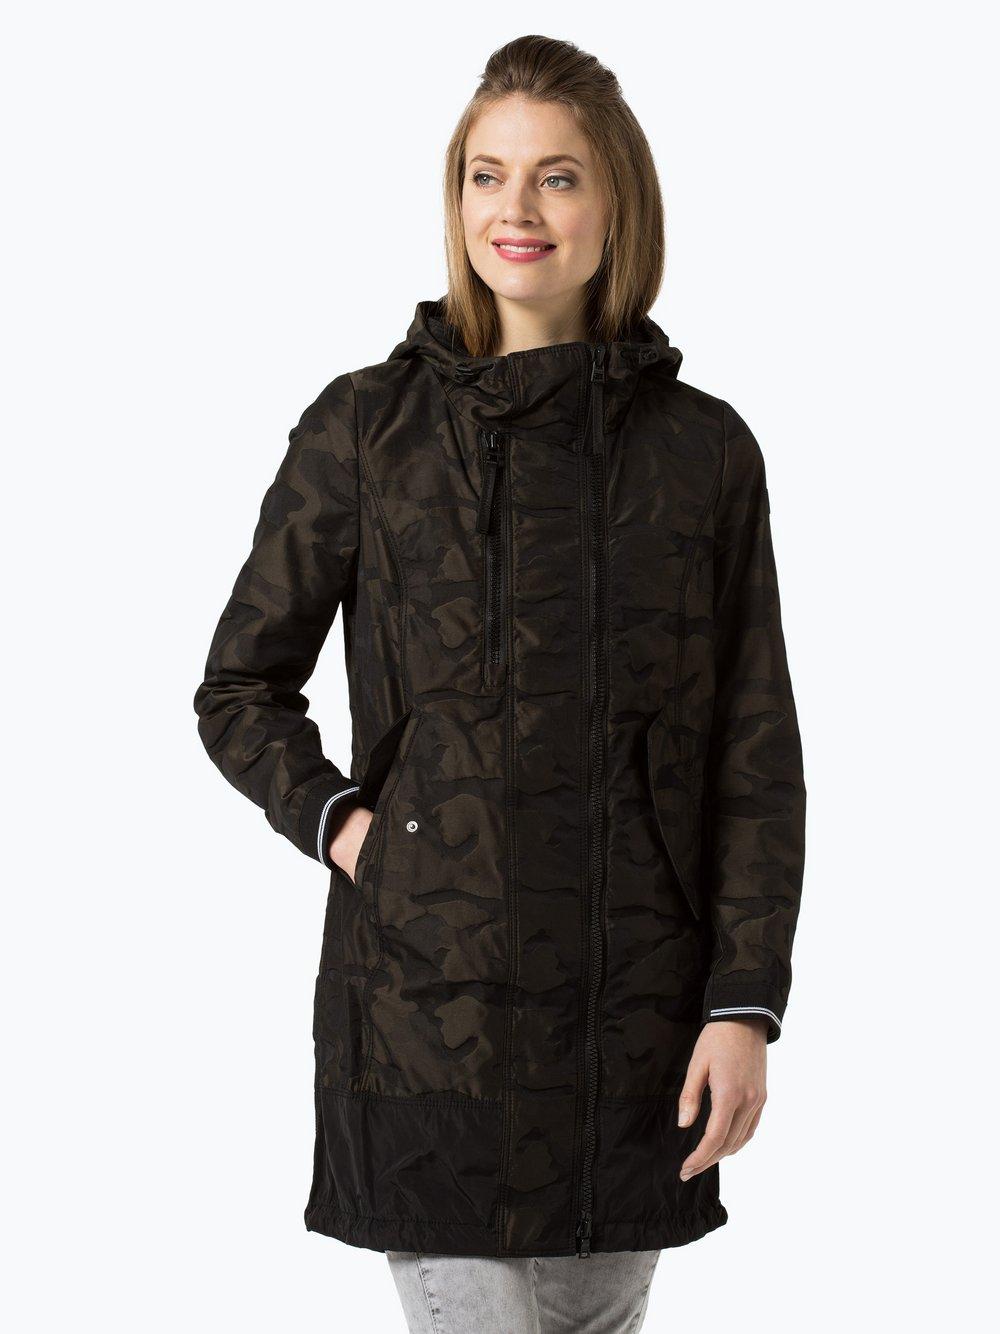 Creenstone Damen Jacke online kaufen | VANGRAAF.COM